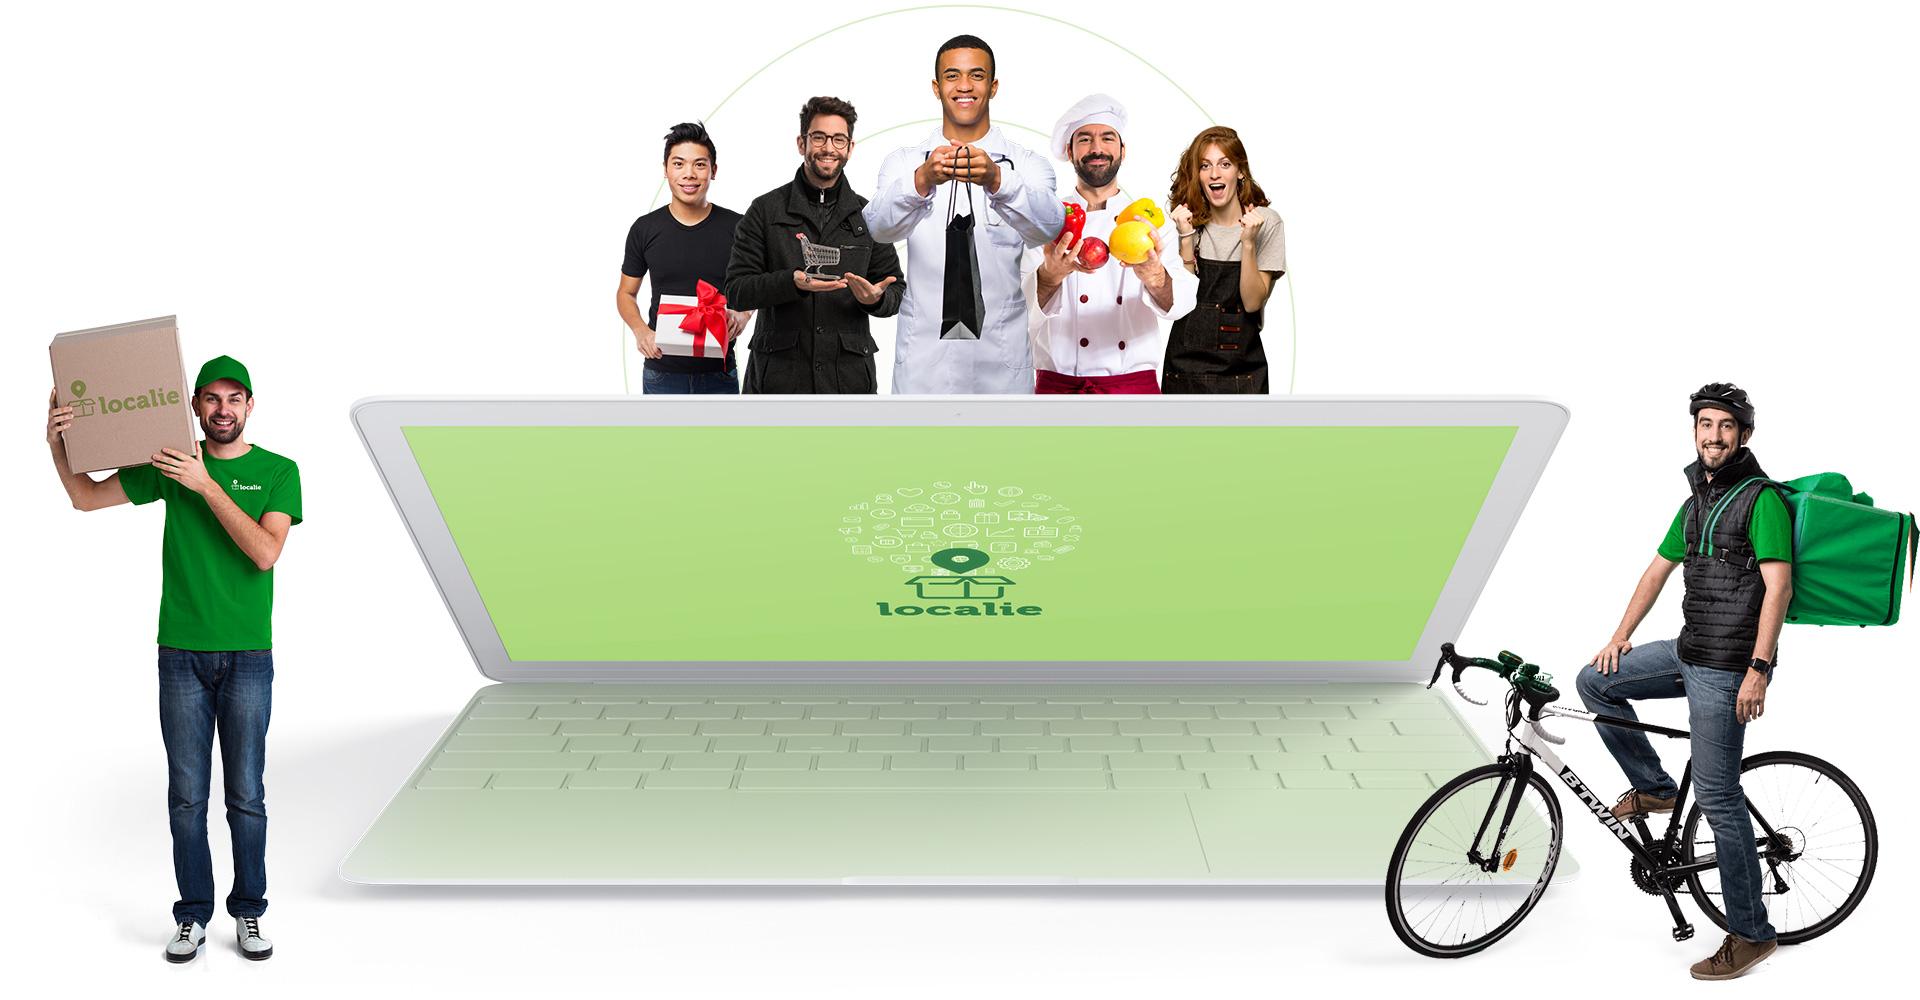 Multi-vendor platform, free online marketing system